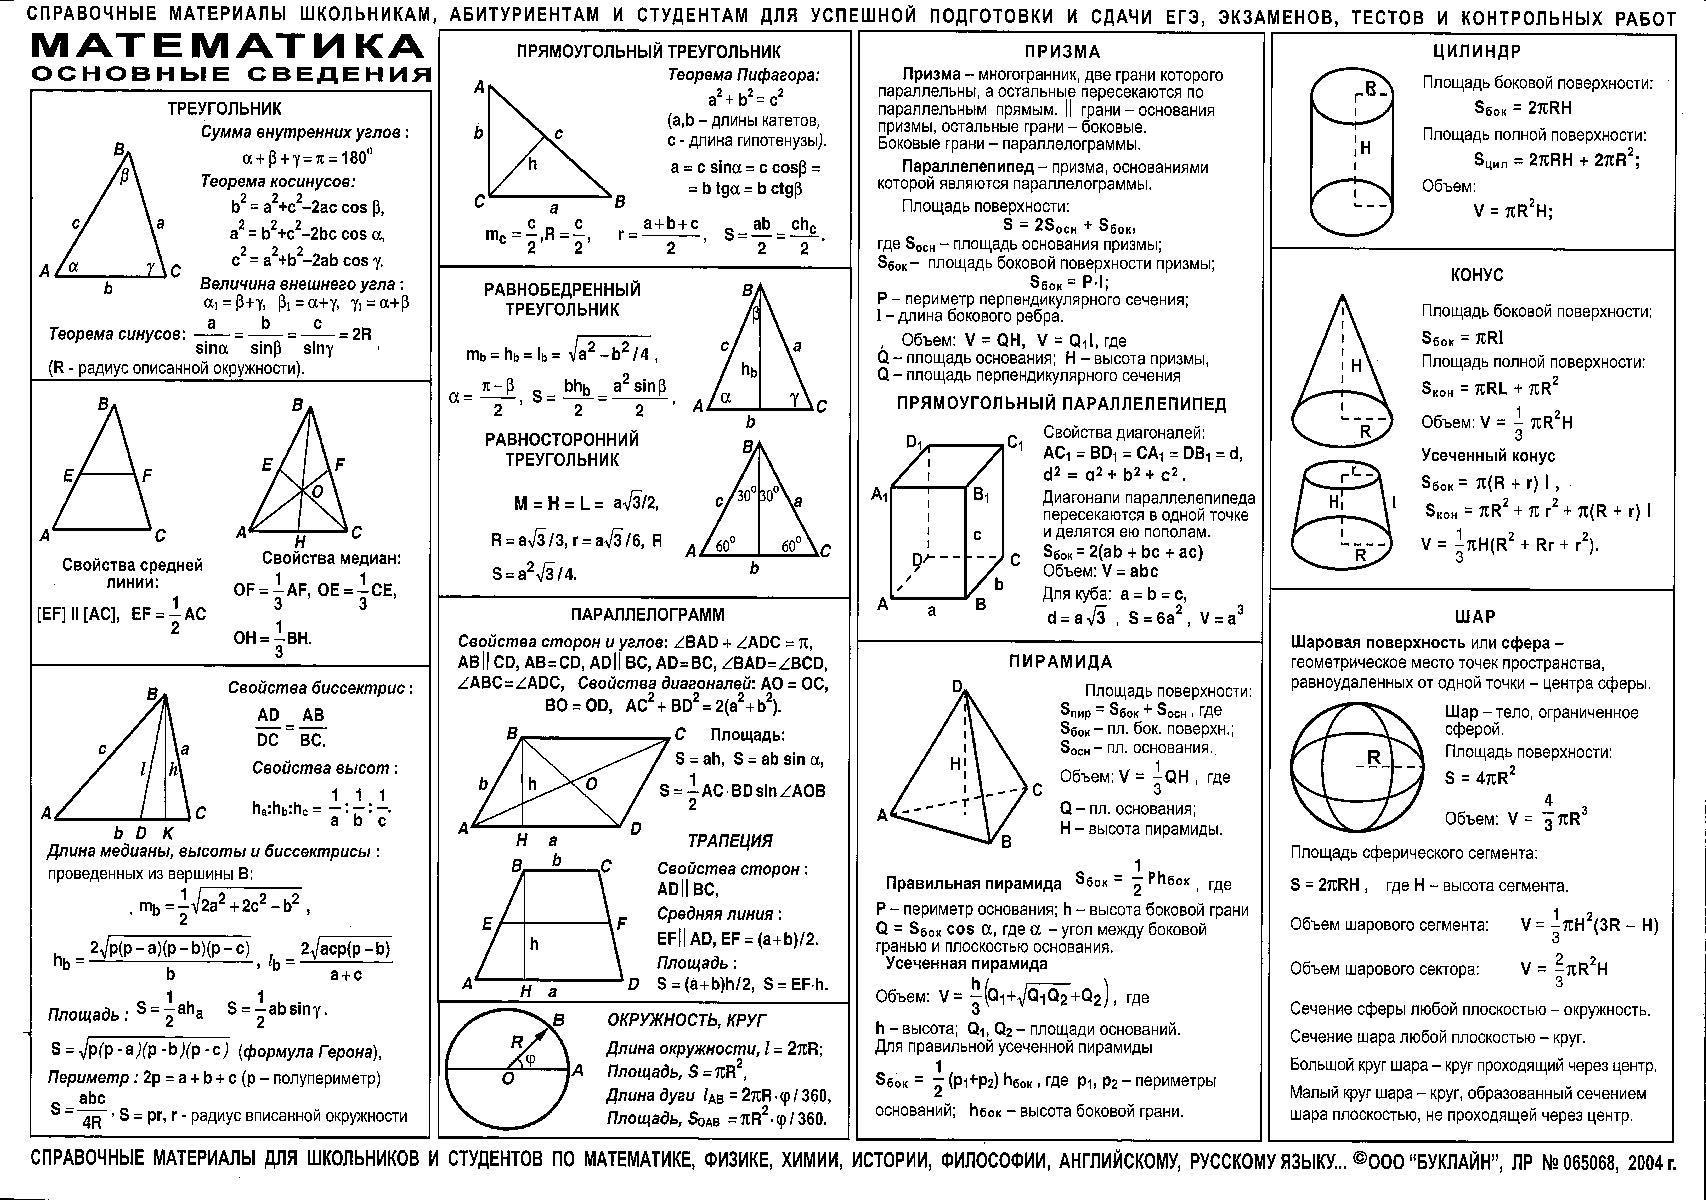 Шпаргалки по математике 20 фотография